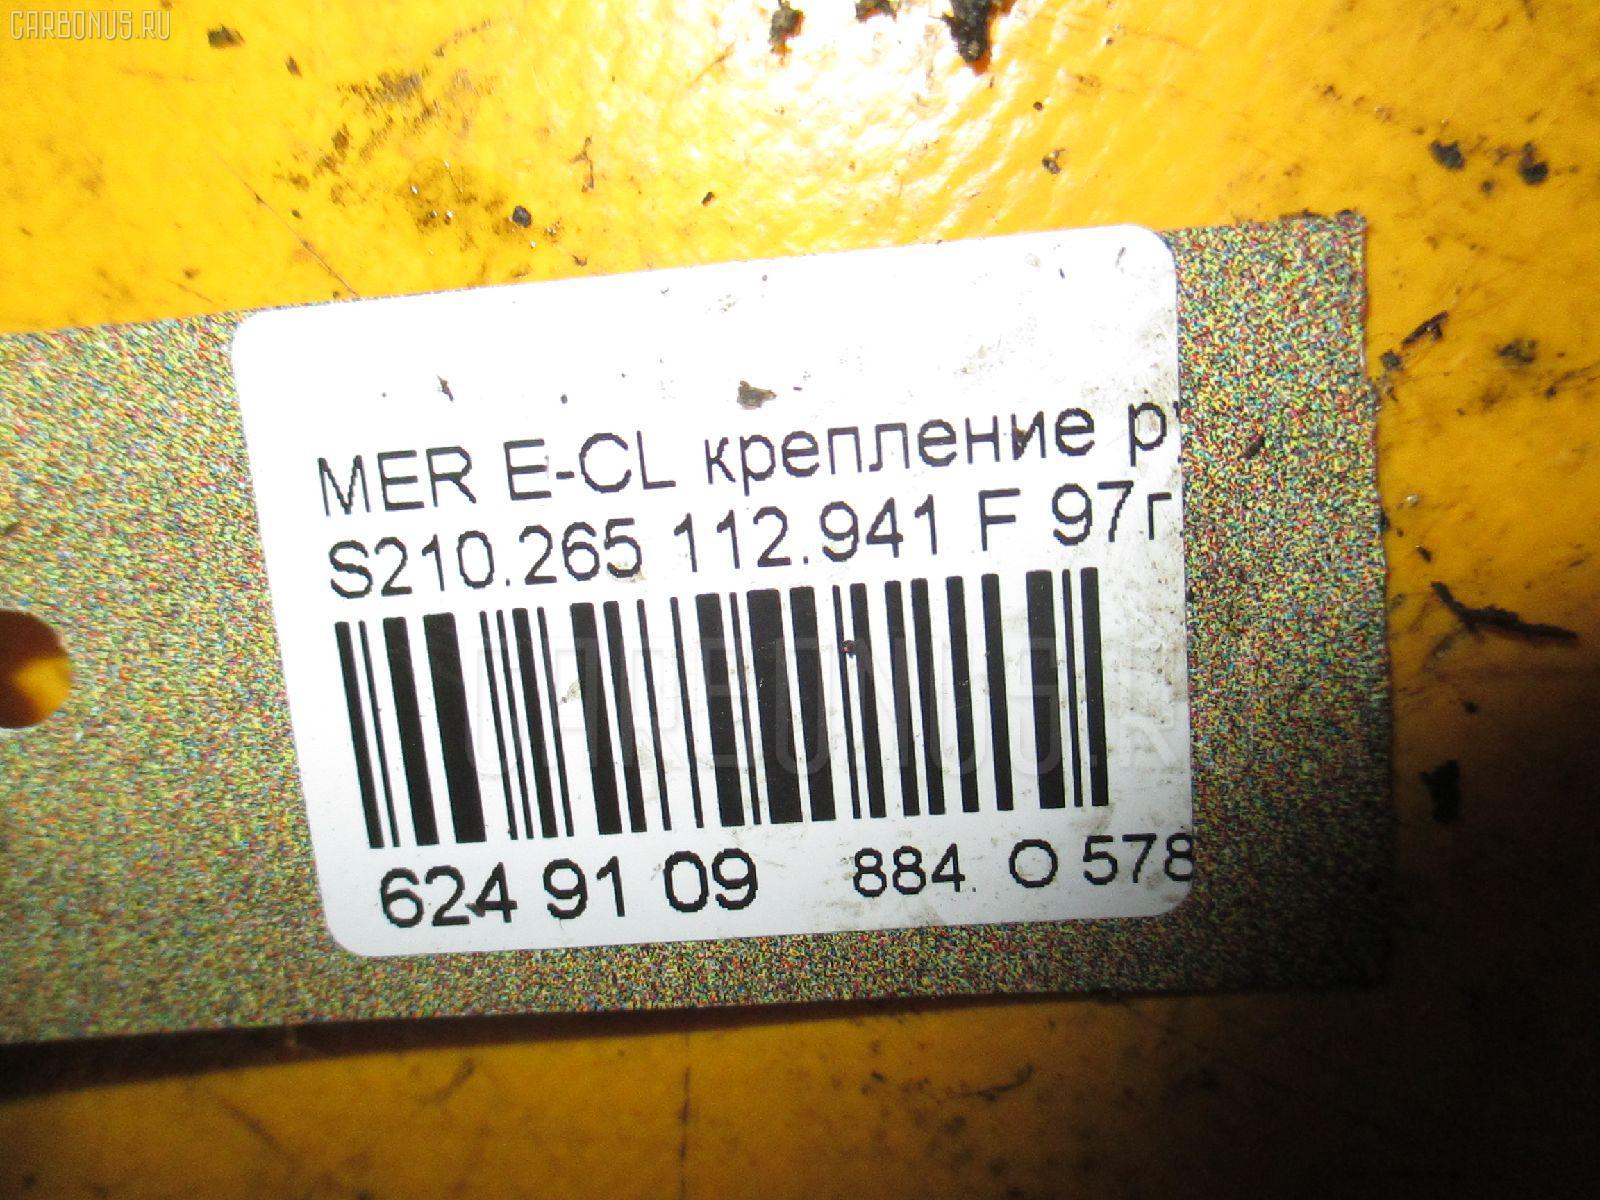 Крепление рулевой рейки MERCEDES-BENZ E-CLASS STATION WAGON S210.265 112.941 Фото 7